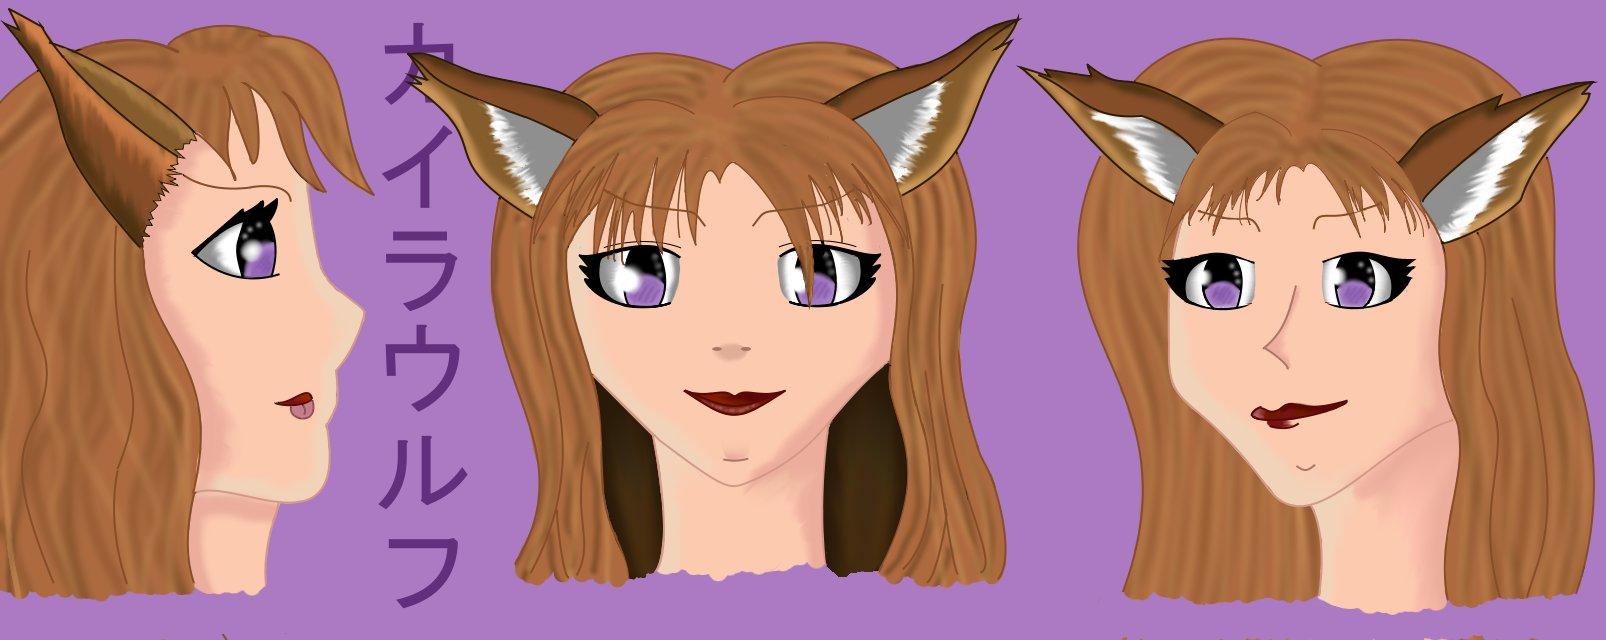 Kyra Facial Concepts